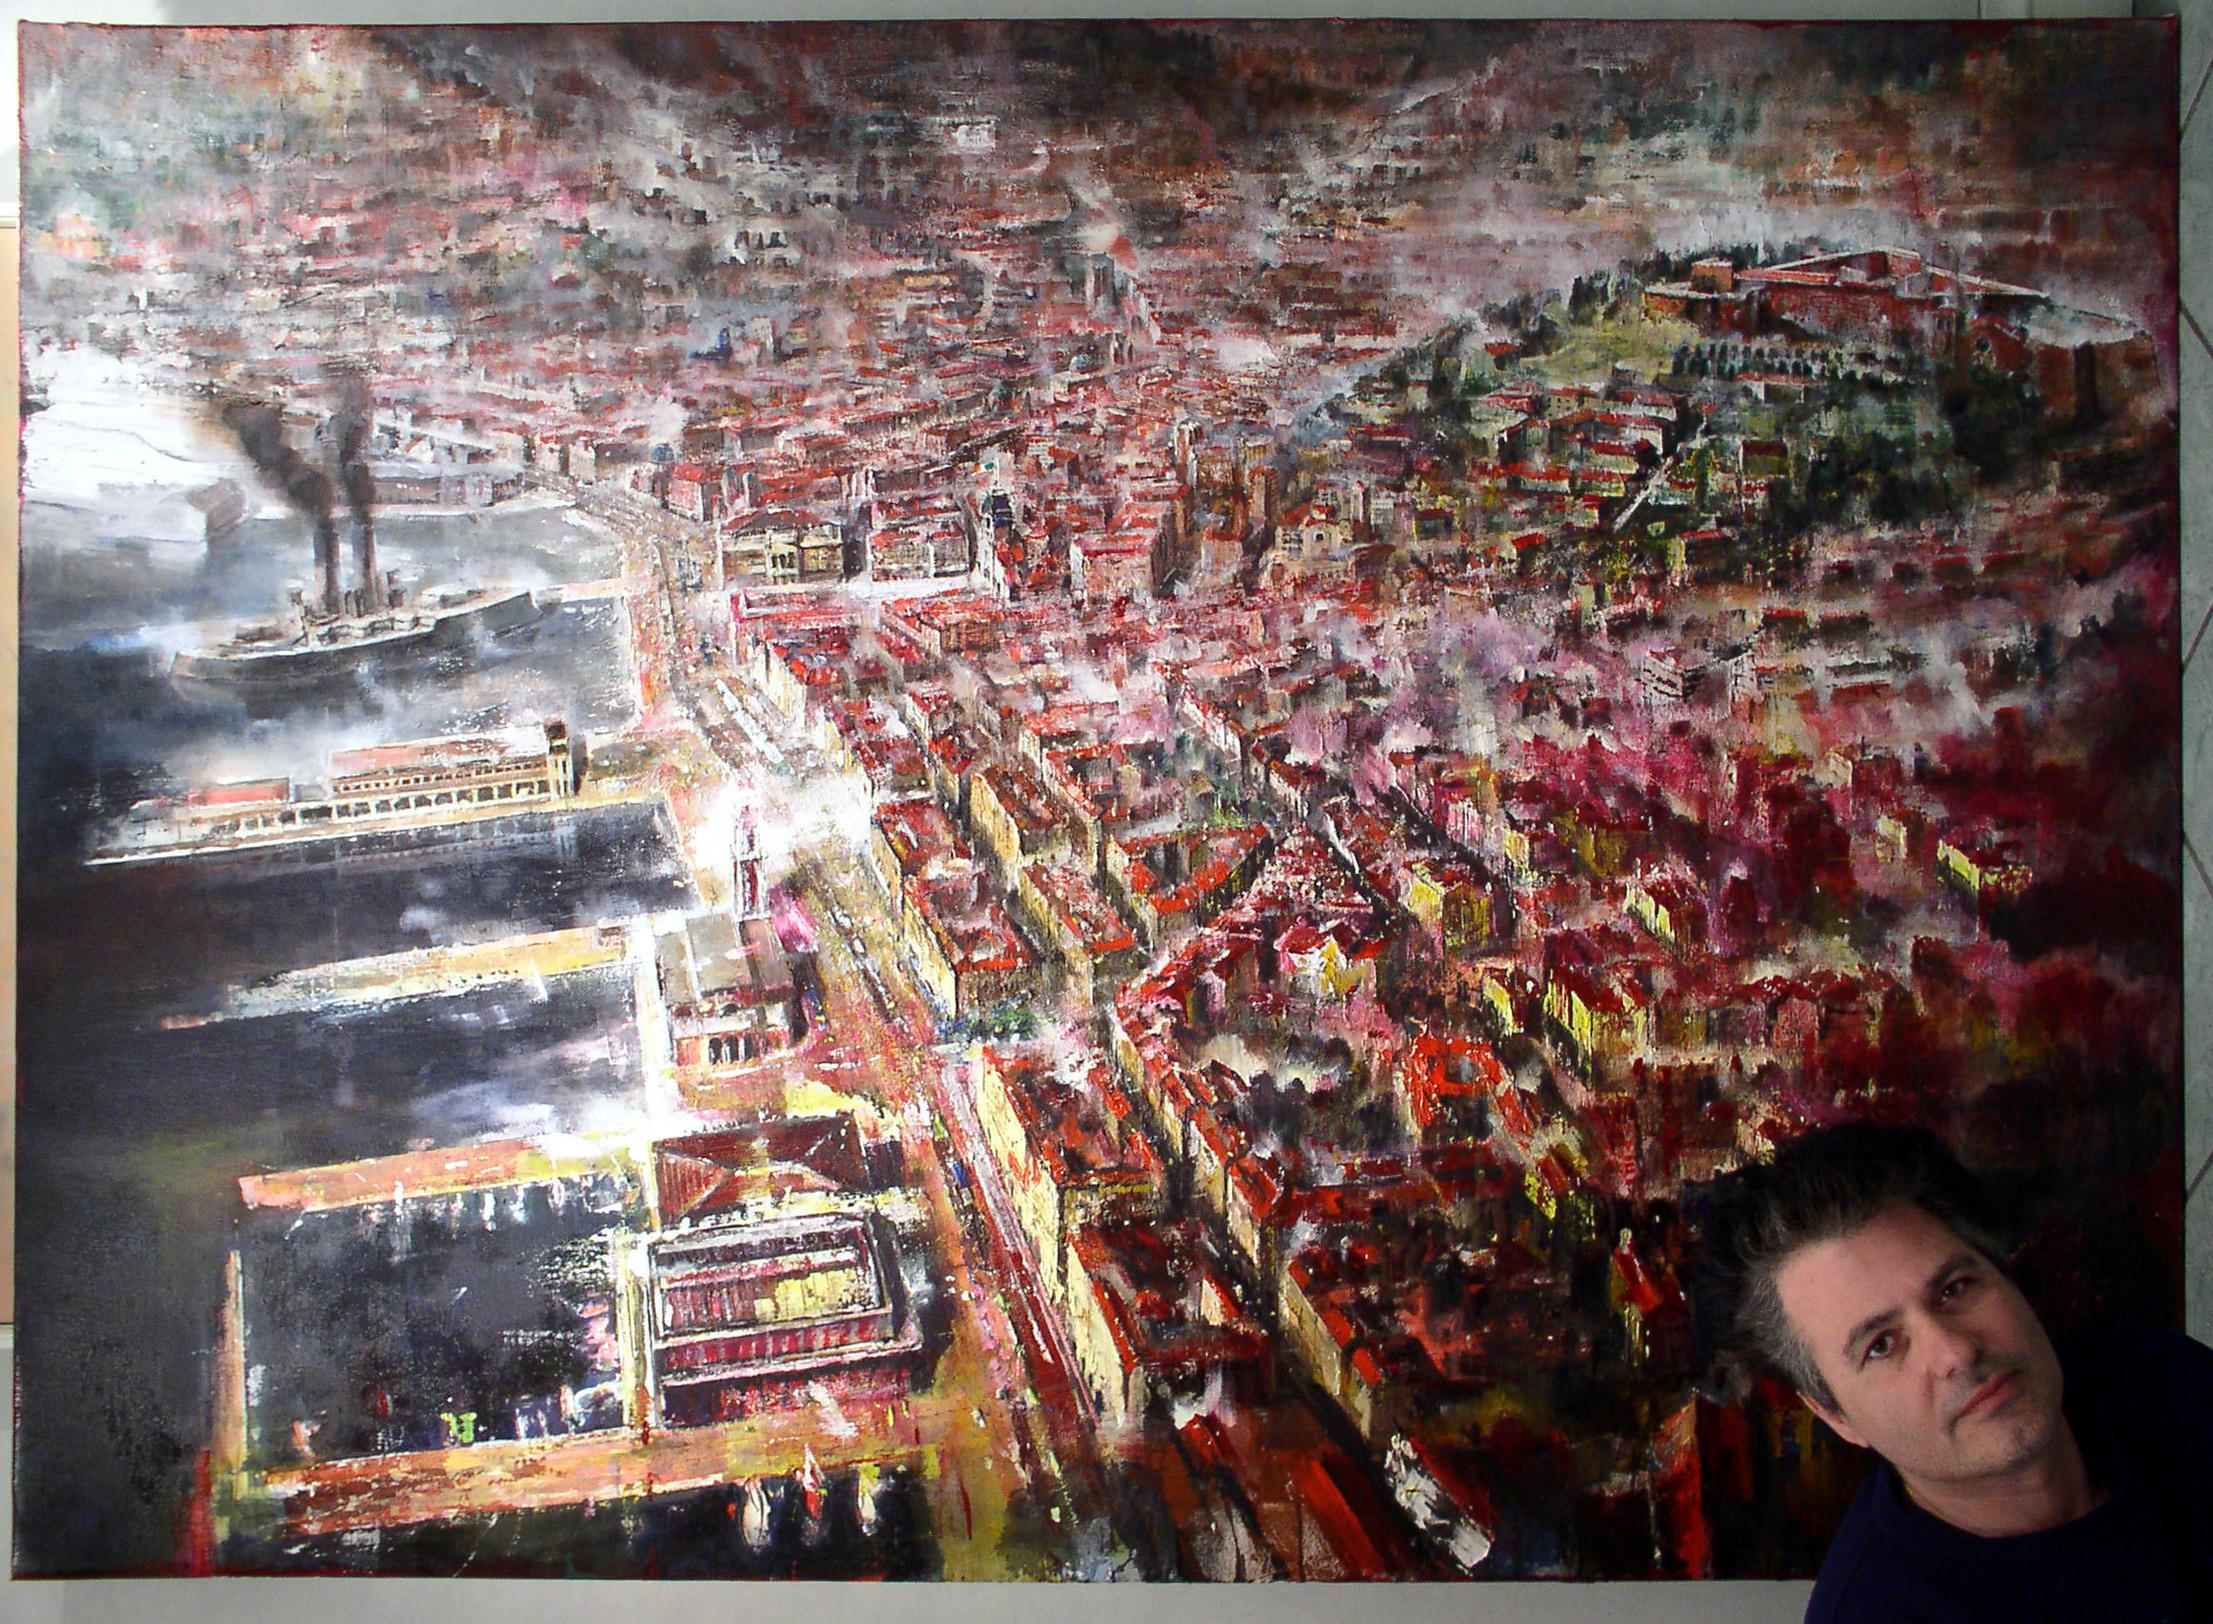 TRIESTE olio su tela 140x200 fr.santosuosso 2007